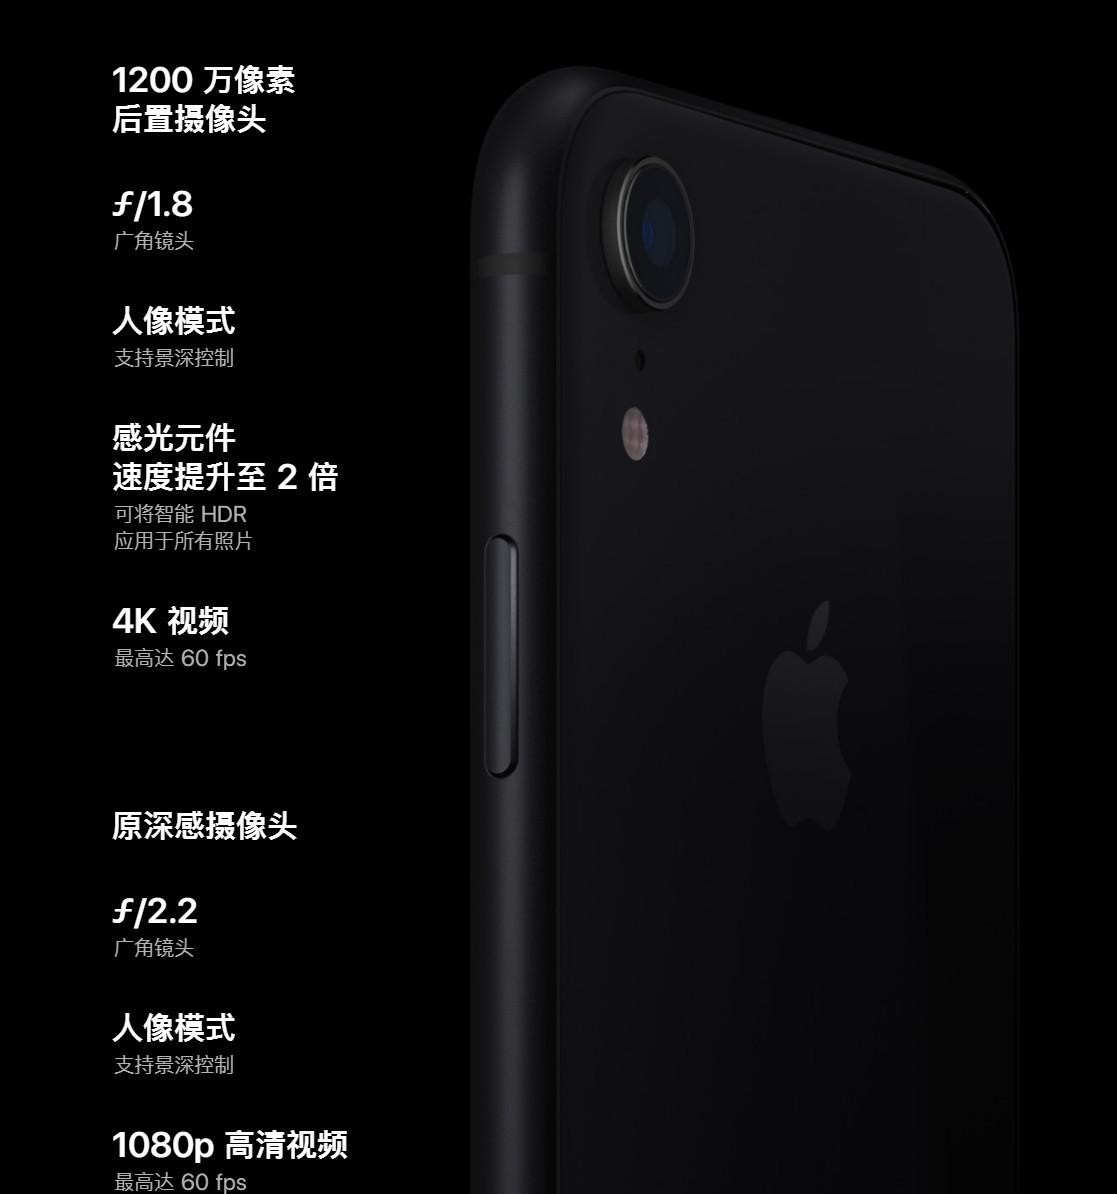 新机发售在即,现在入手 iPhone XR 会过时吗?